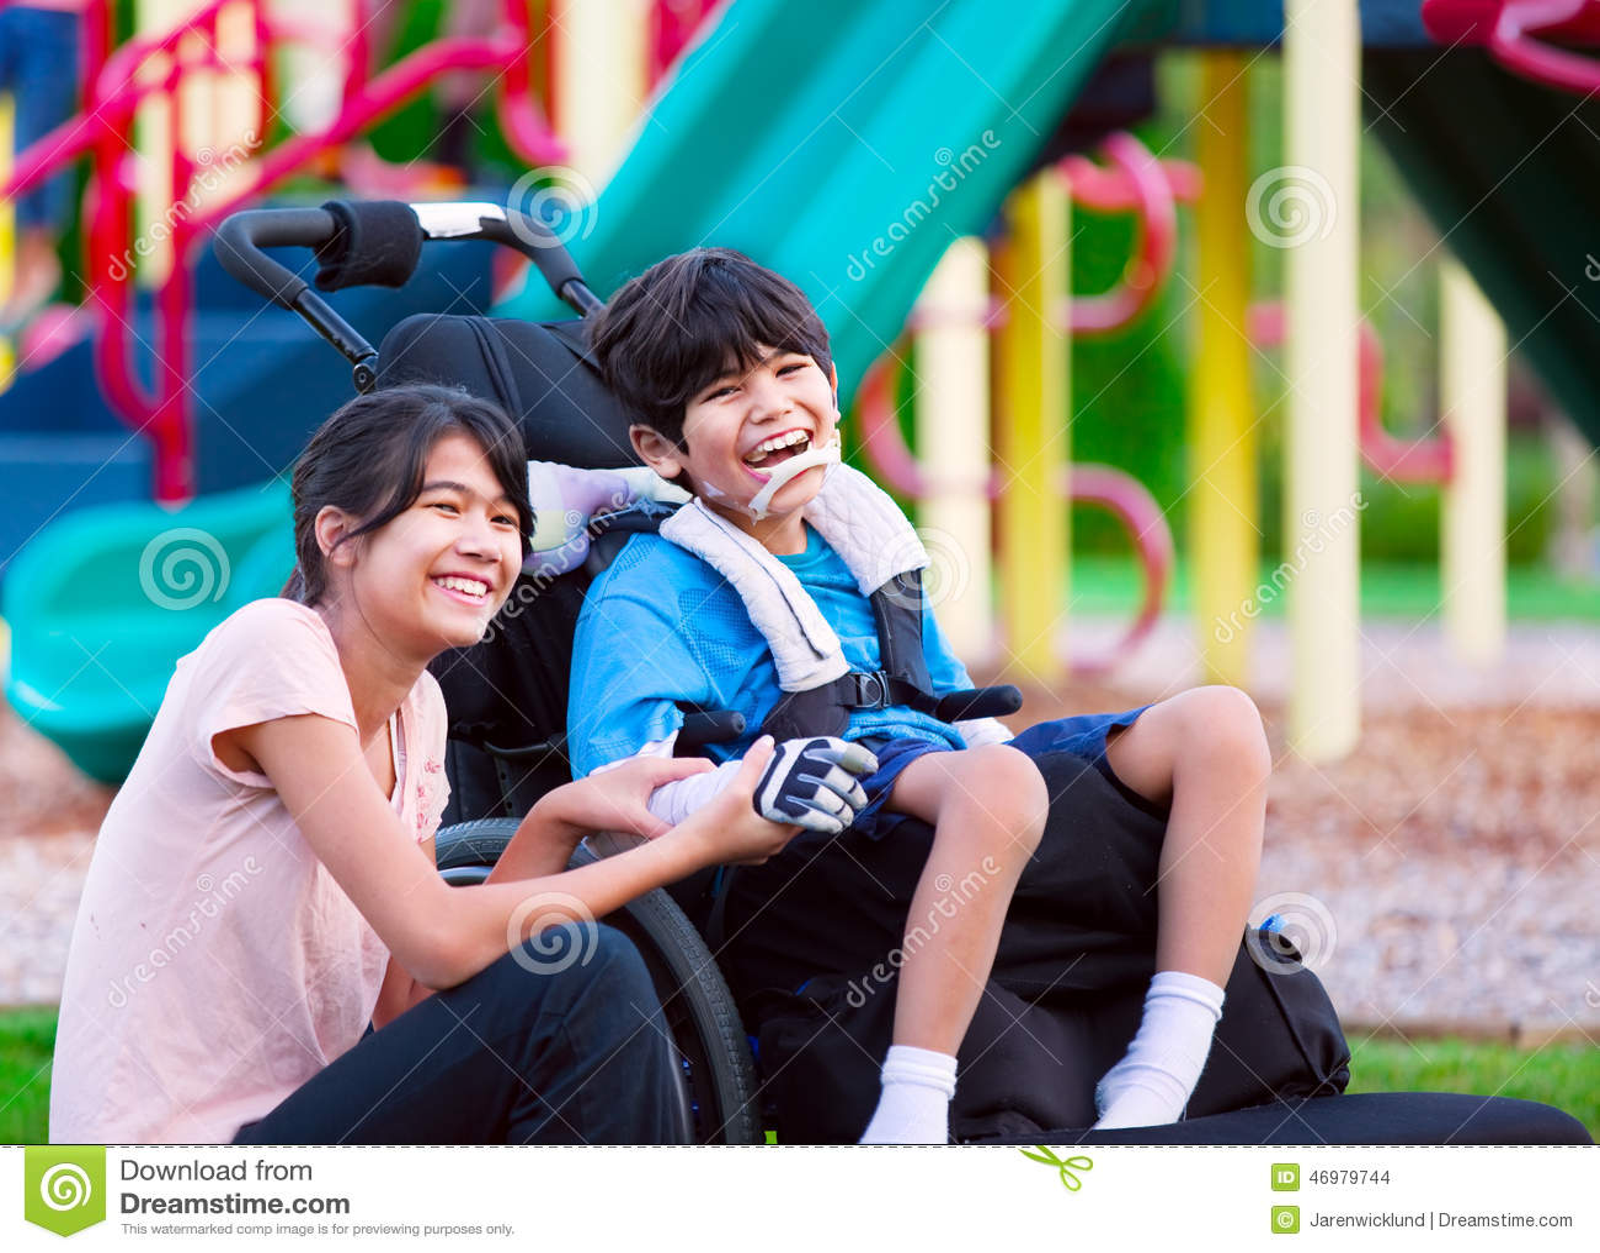 坐在轮椅的残疾兄弟旁边的姐妹在playgro